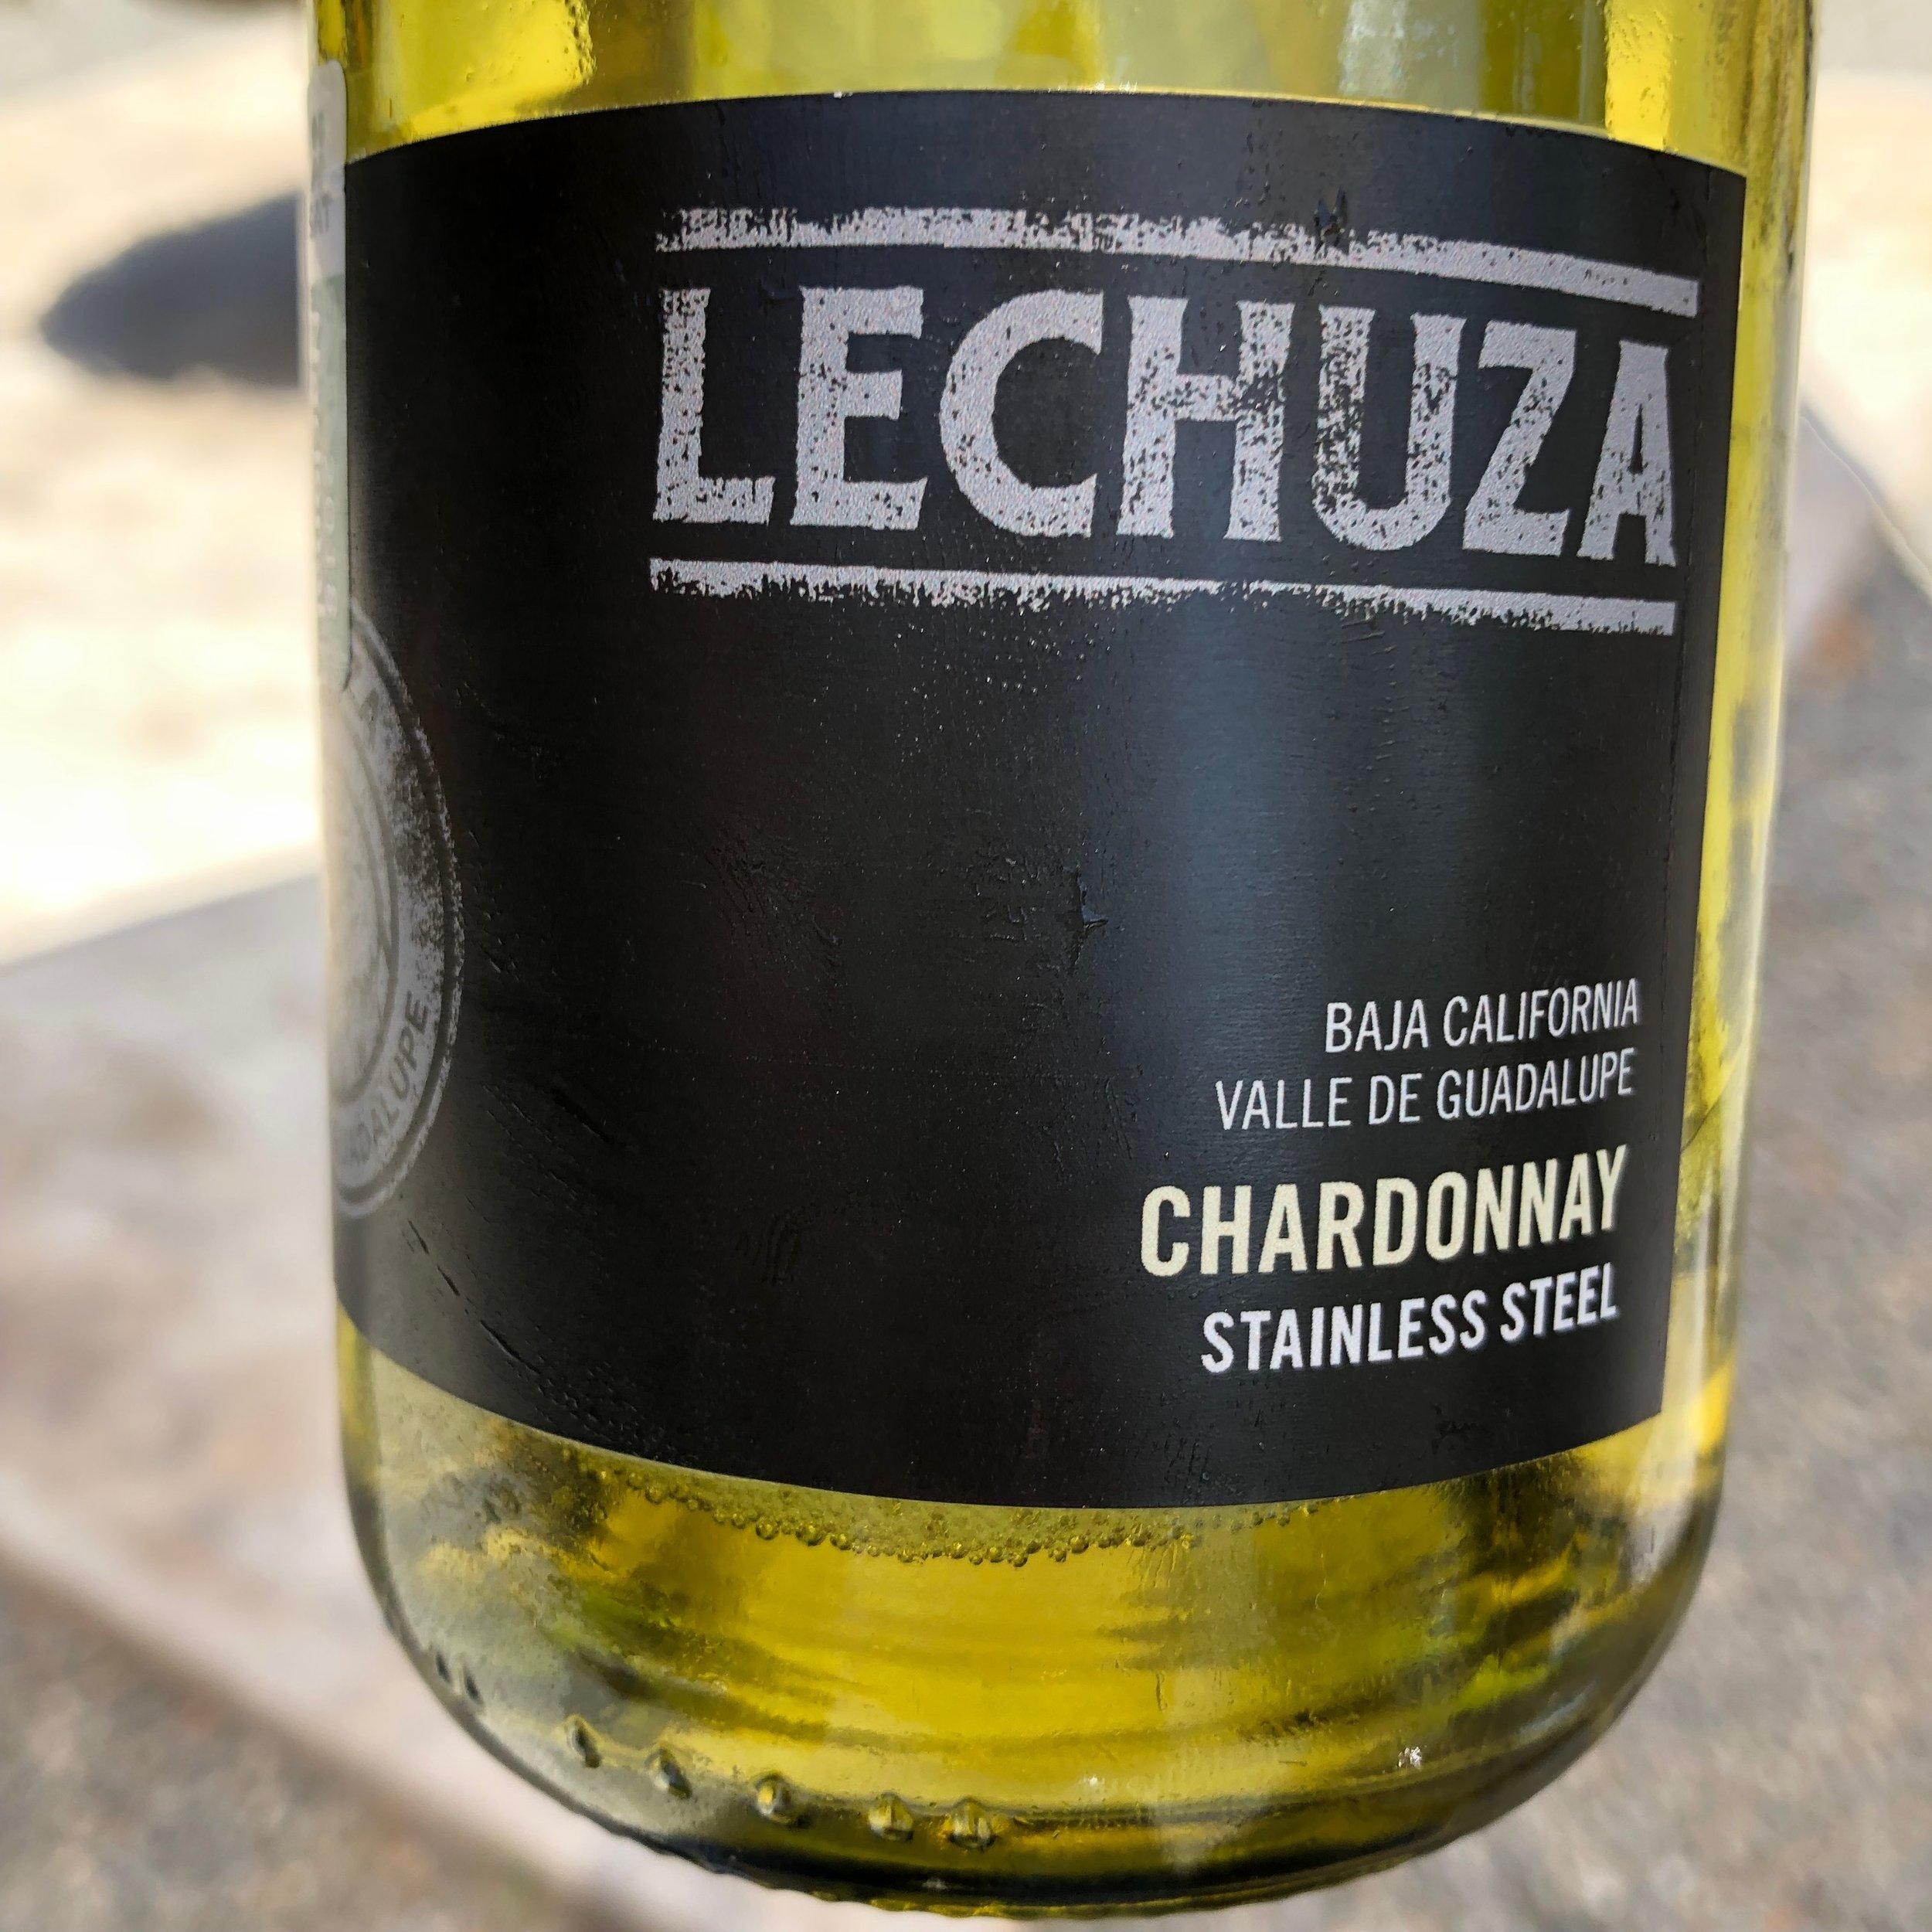 Lechuza chard